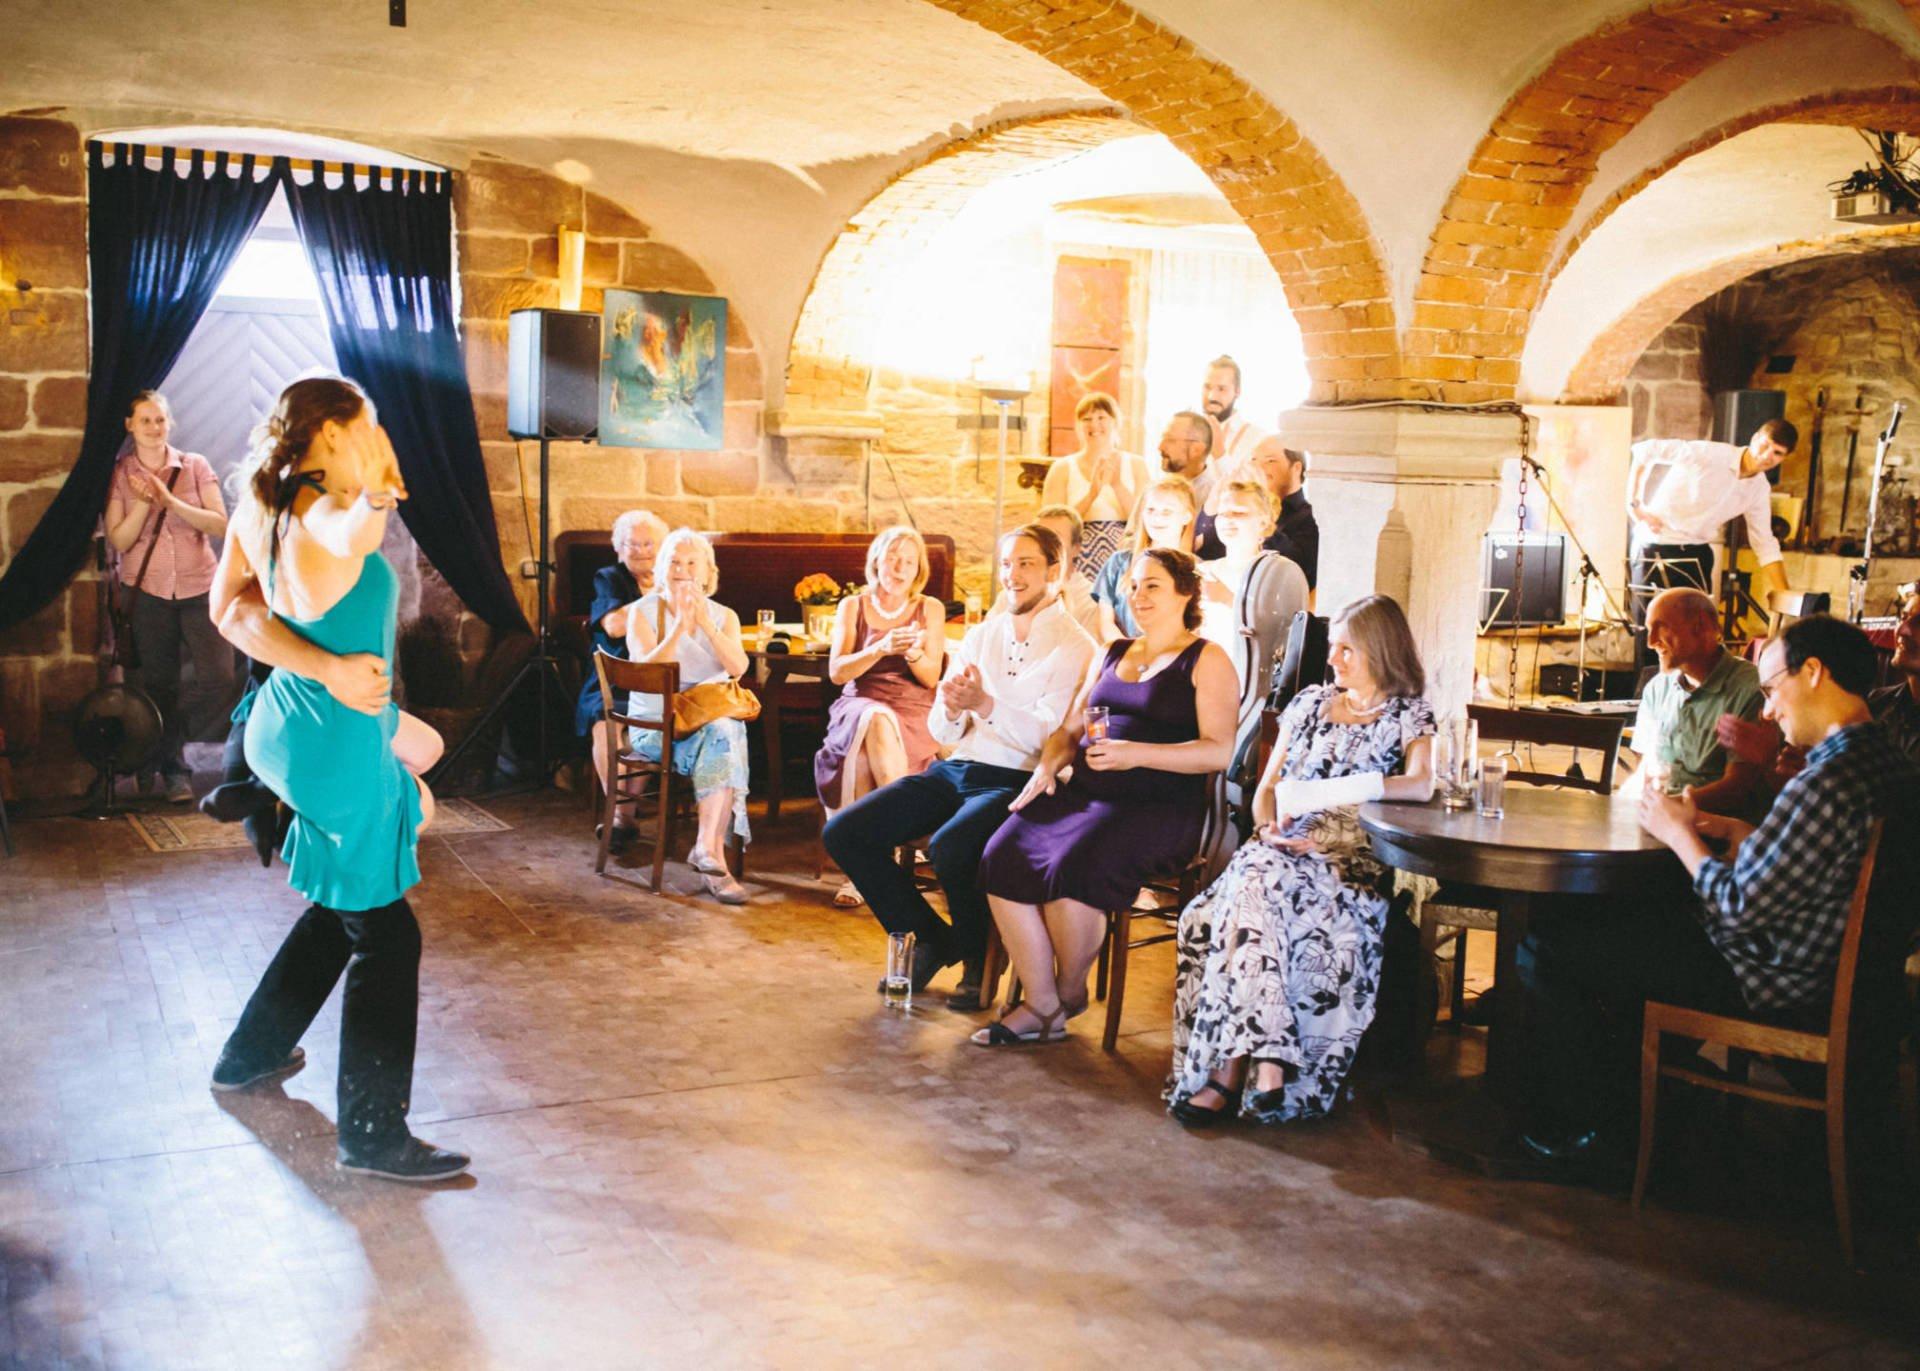 Schöngleina 35 - Hochzeit in Kreuzgewölbe Schöngleina